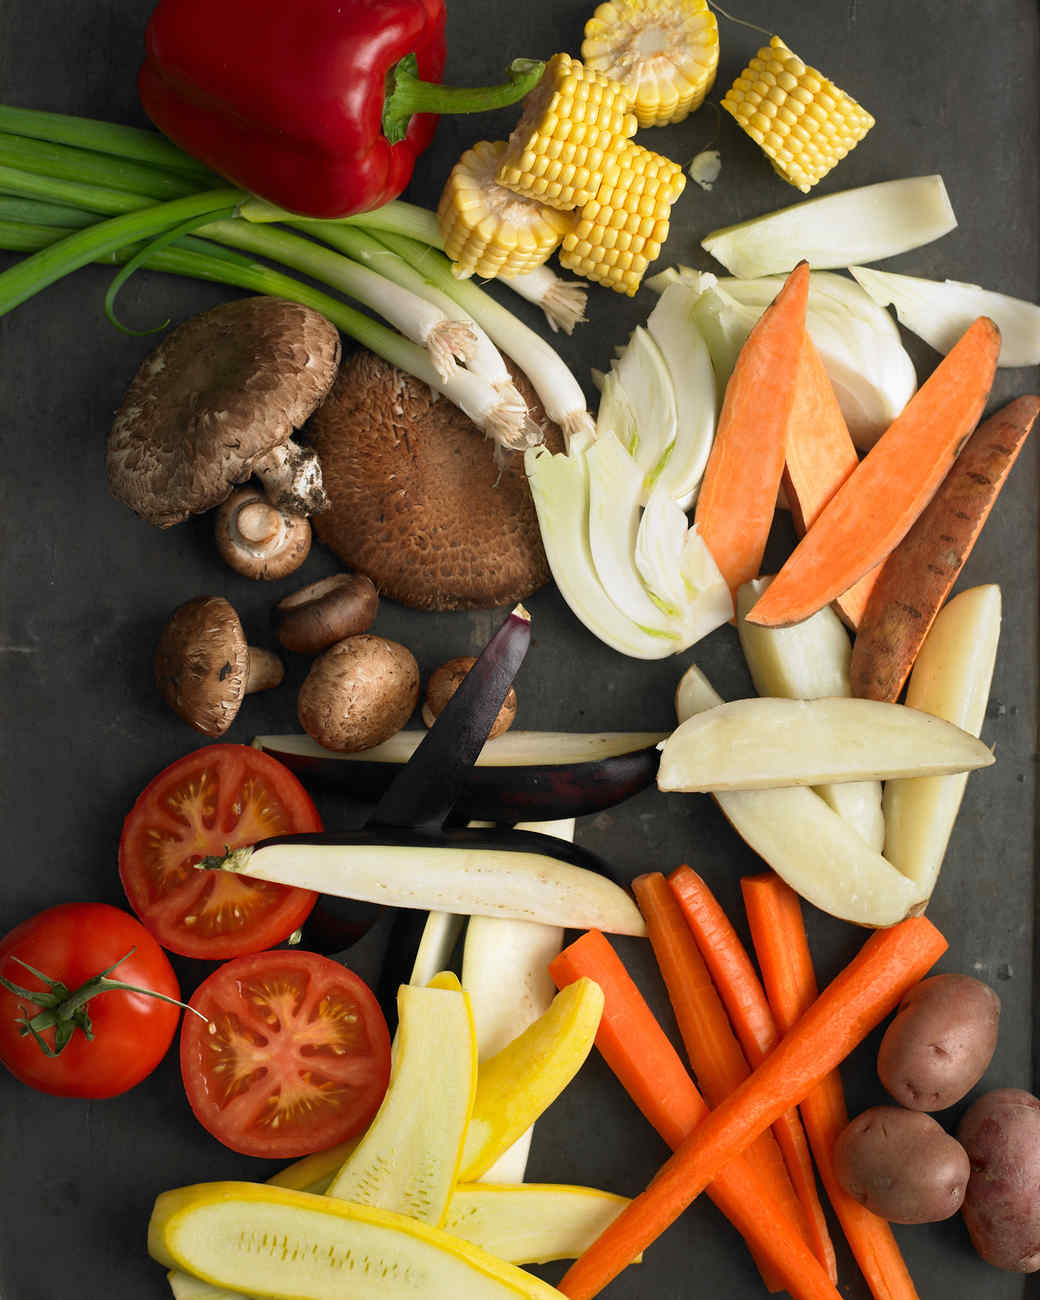 grilled-vegetables-1-ed104768.jpg